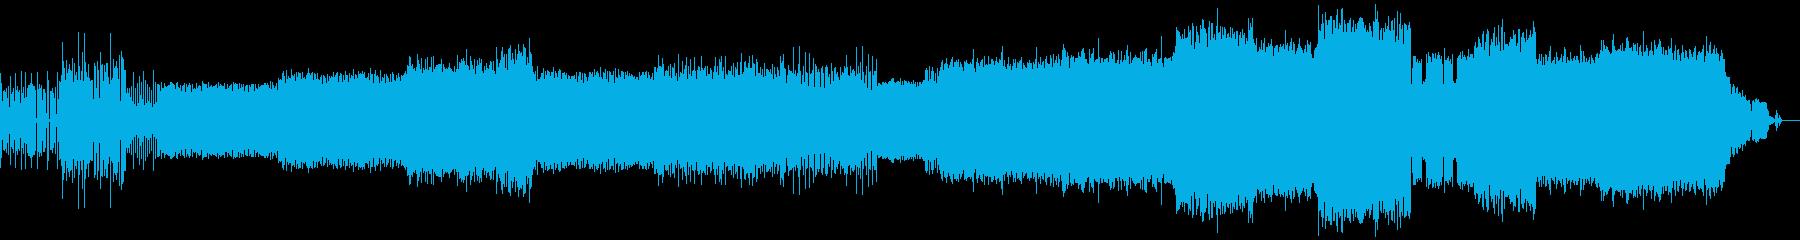 激しく速いDnBの再生済みの波形